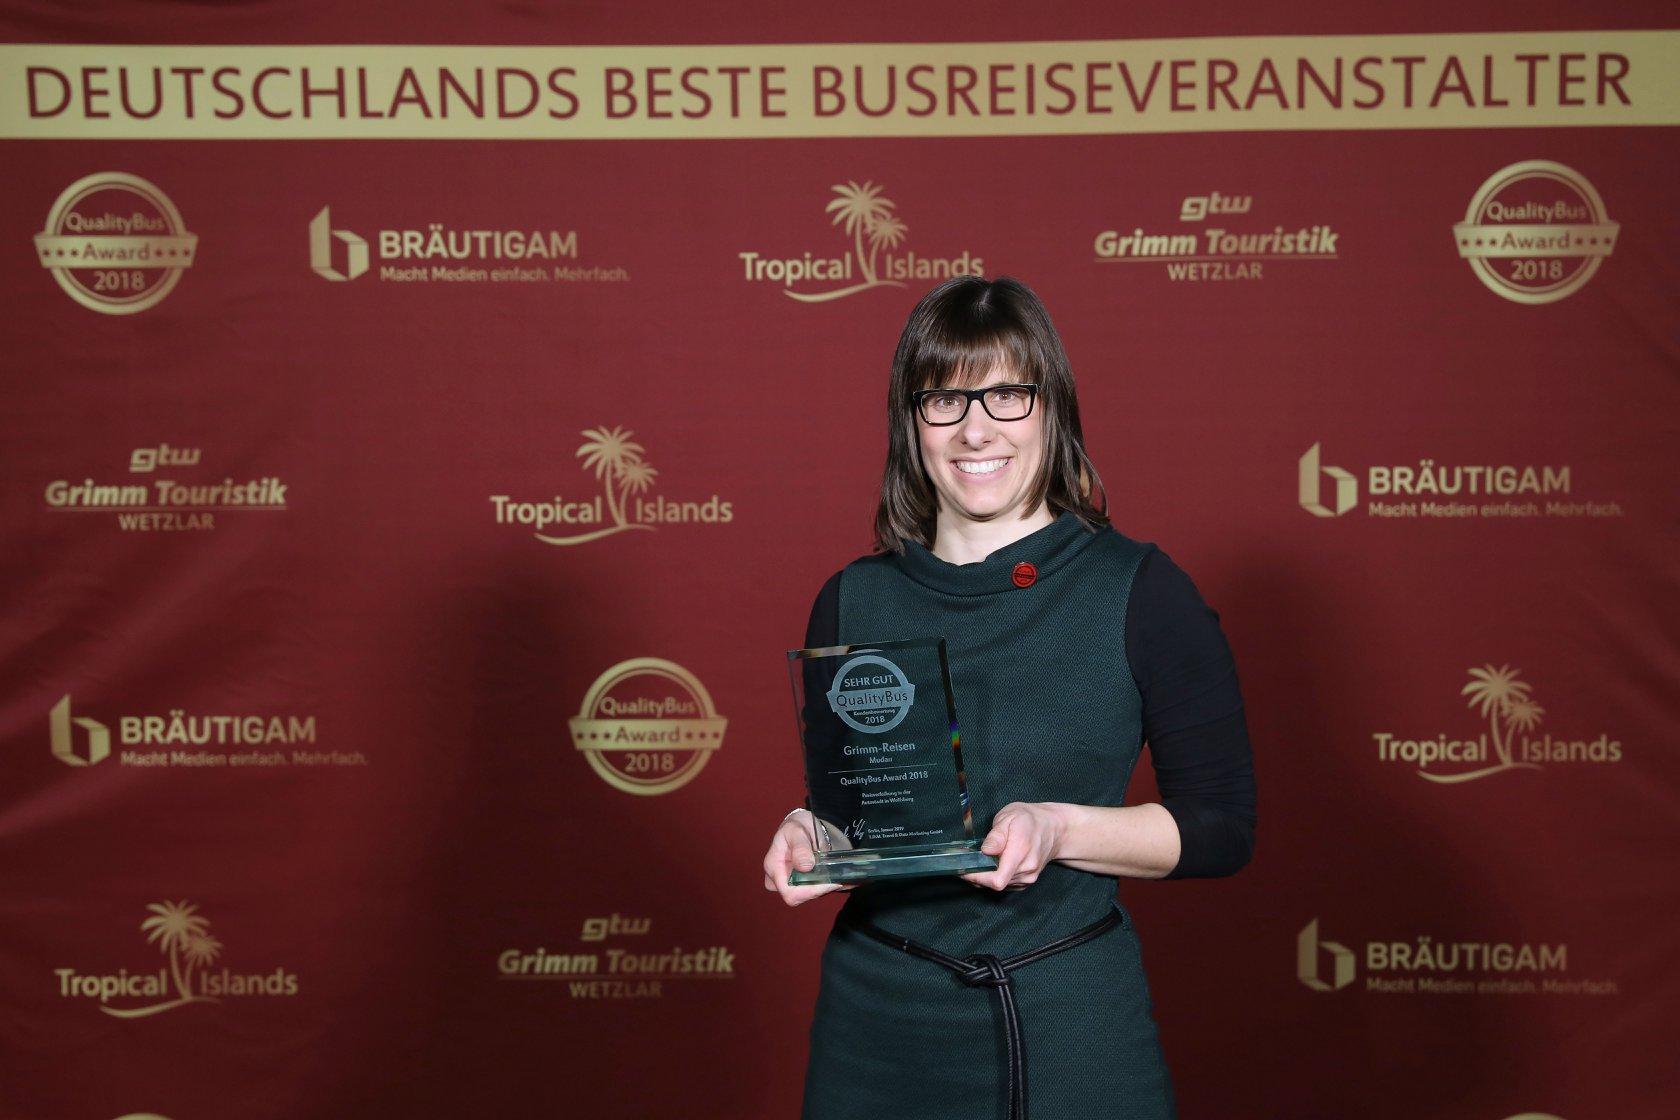 Unsere Kollegin Katharina Schlegel, die den Preis entgegen nehmen durfte.